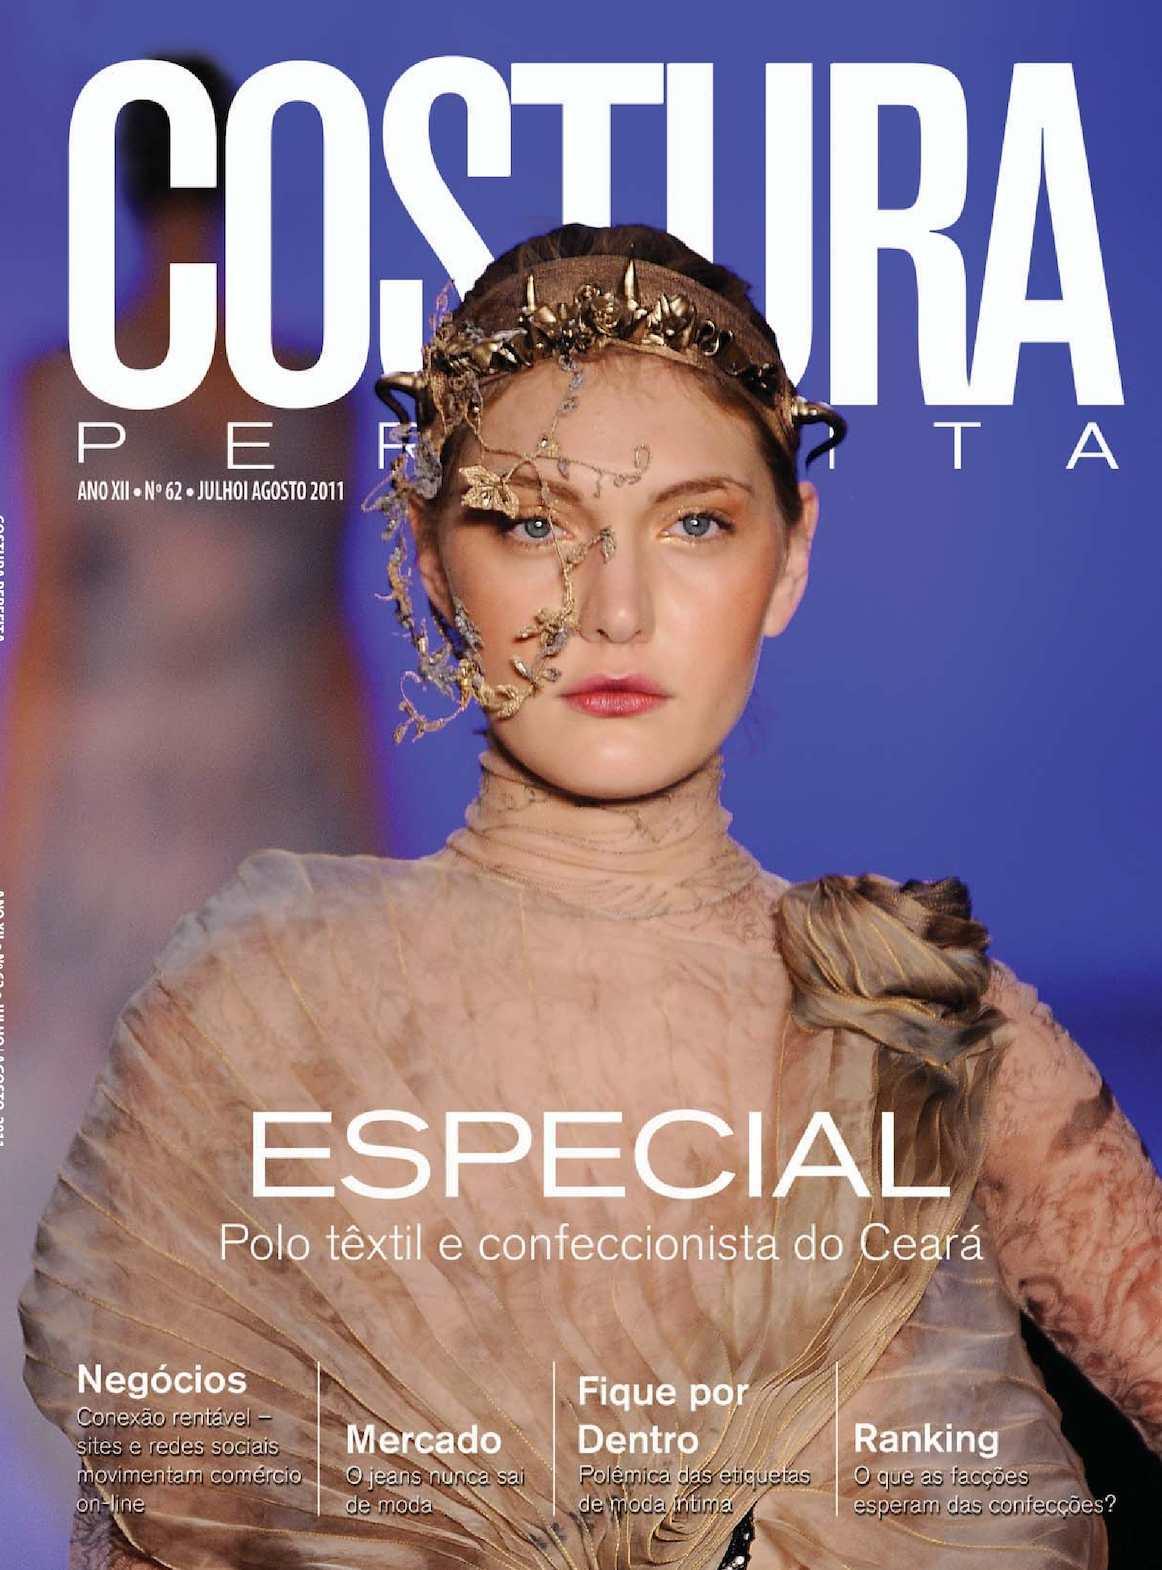 fa973290abf1d Calaméo - Revista Costura Perfeita Edição Ano XII - N62 - Julho-Agosto 2011